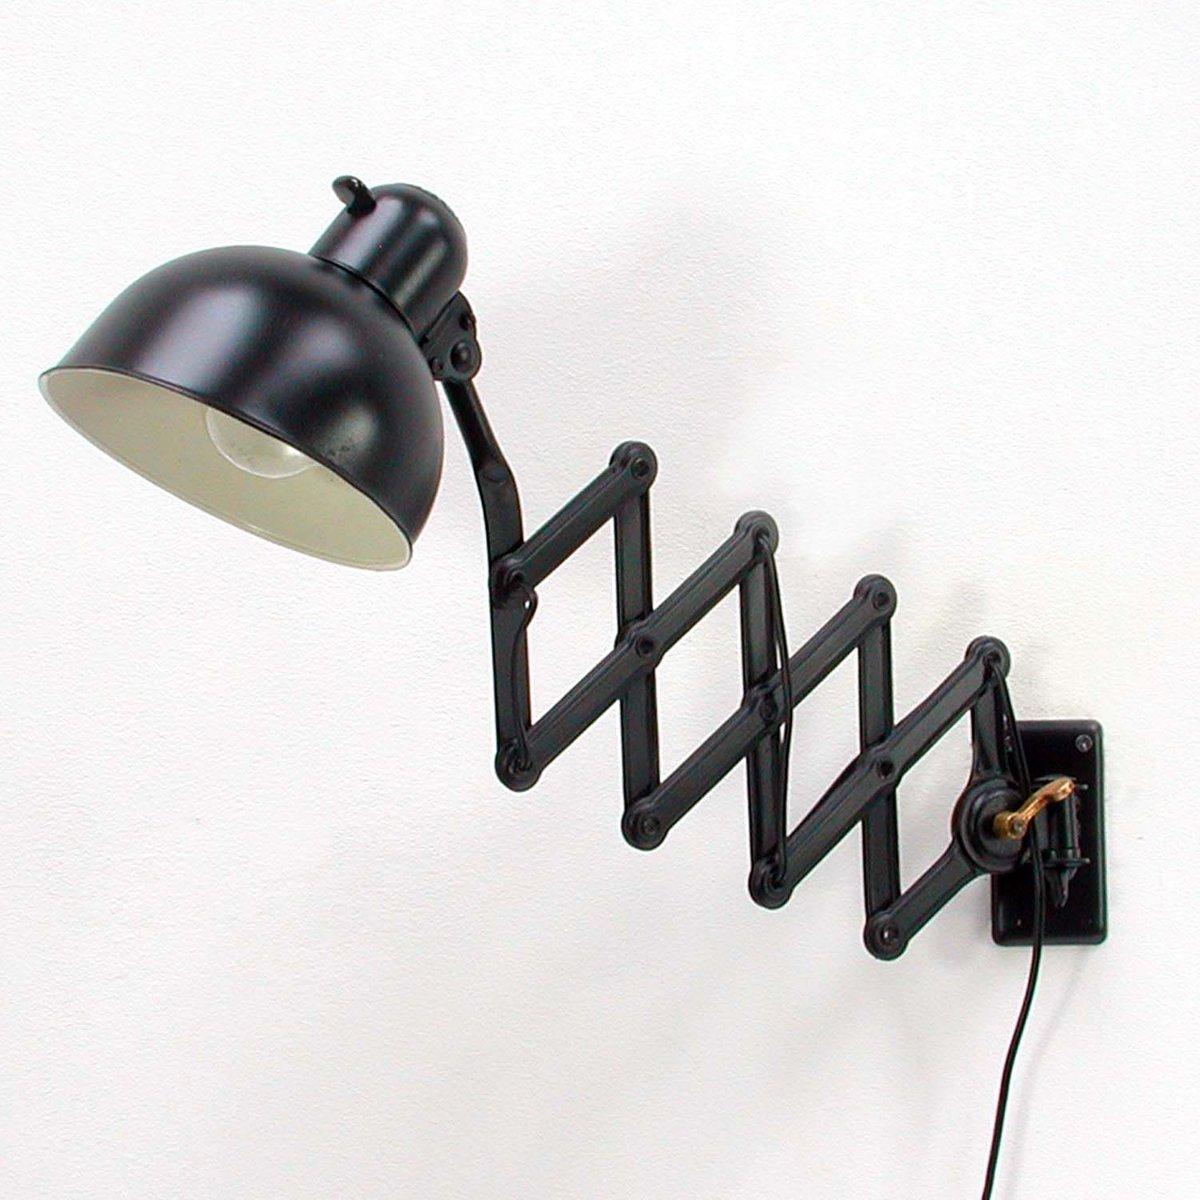 schwarze 6718 scherenlampe von christian dell f r kaiser idell 1930er bei pamono kaufen. Black Bedroom Furniture Sets. Home Design Ideas